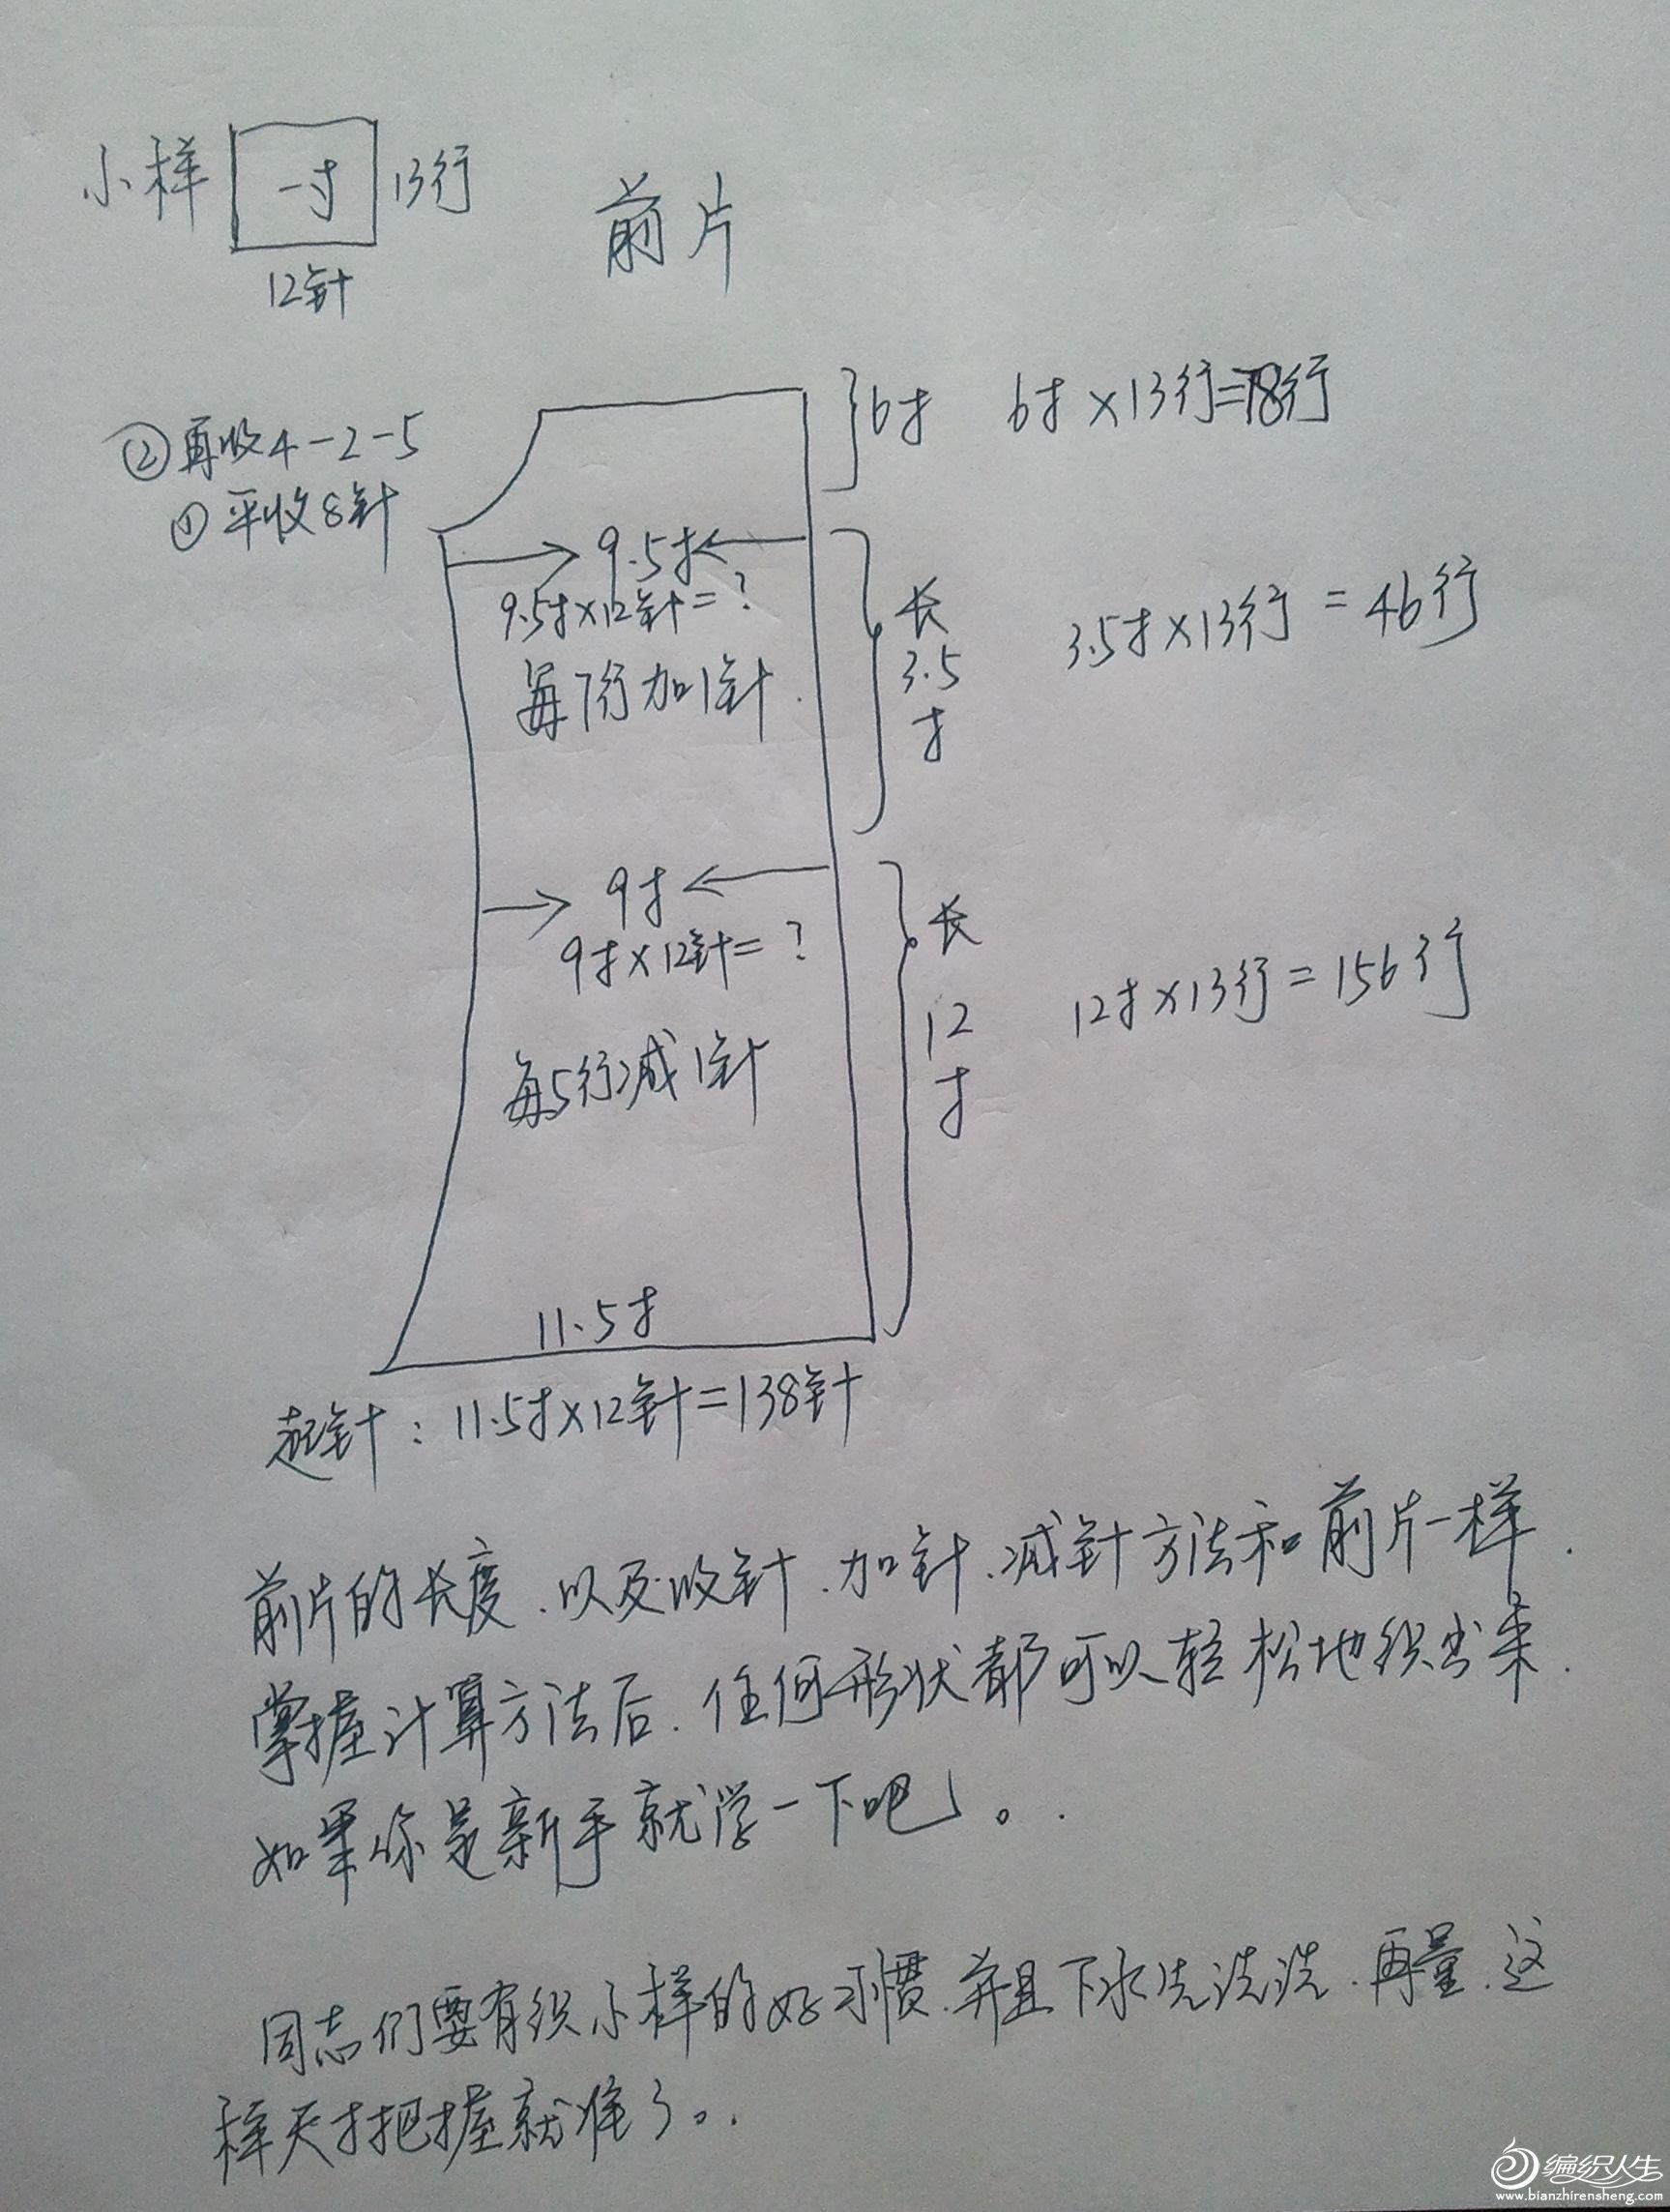 2012-09-22 15.55.43.jpg